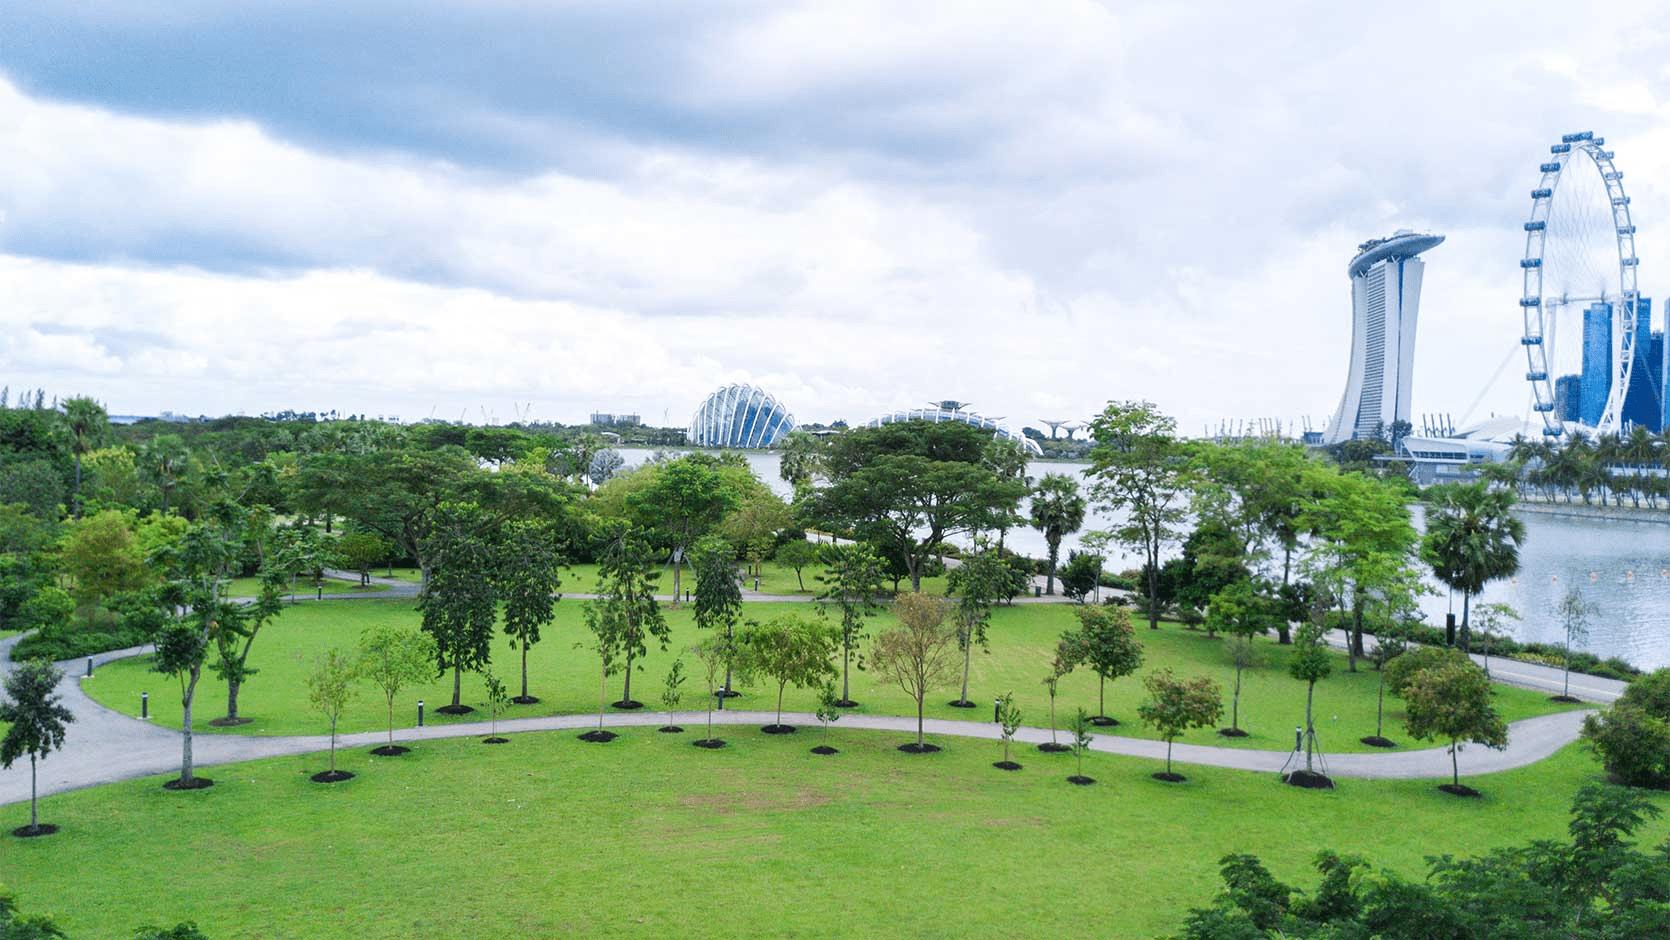 Bay East Garden - Open Spaces